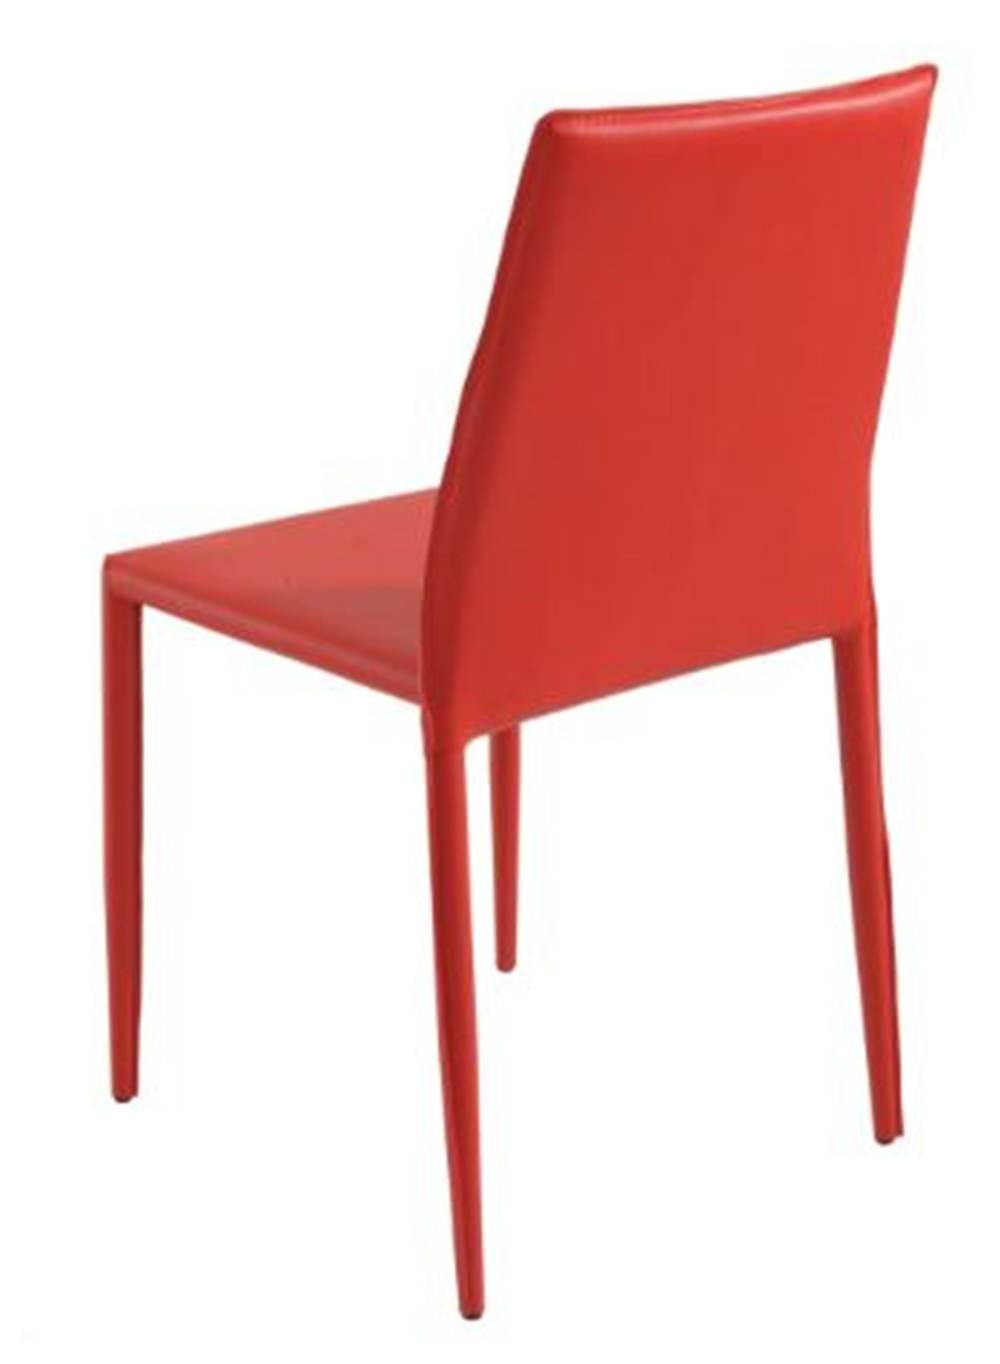 Cadeira Amanda 6606 em Metal PVC Vermelha - 30649